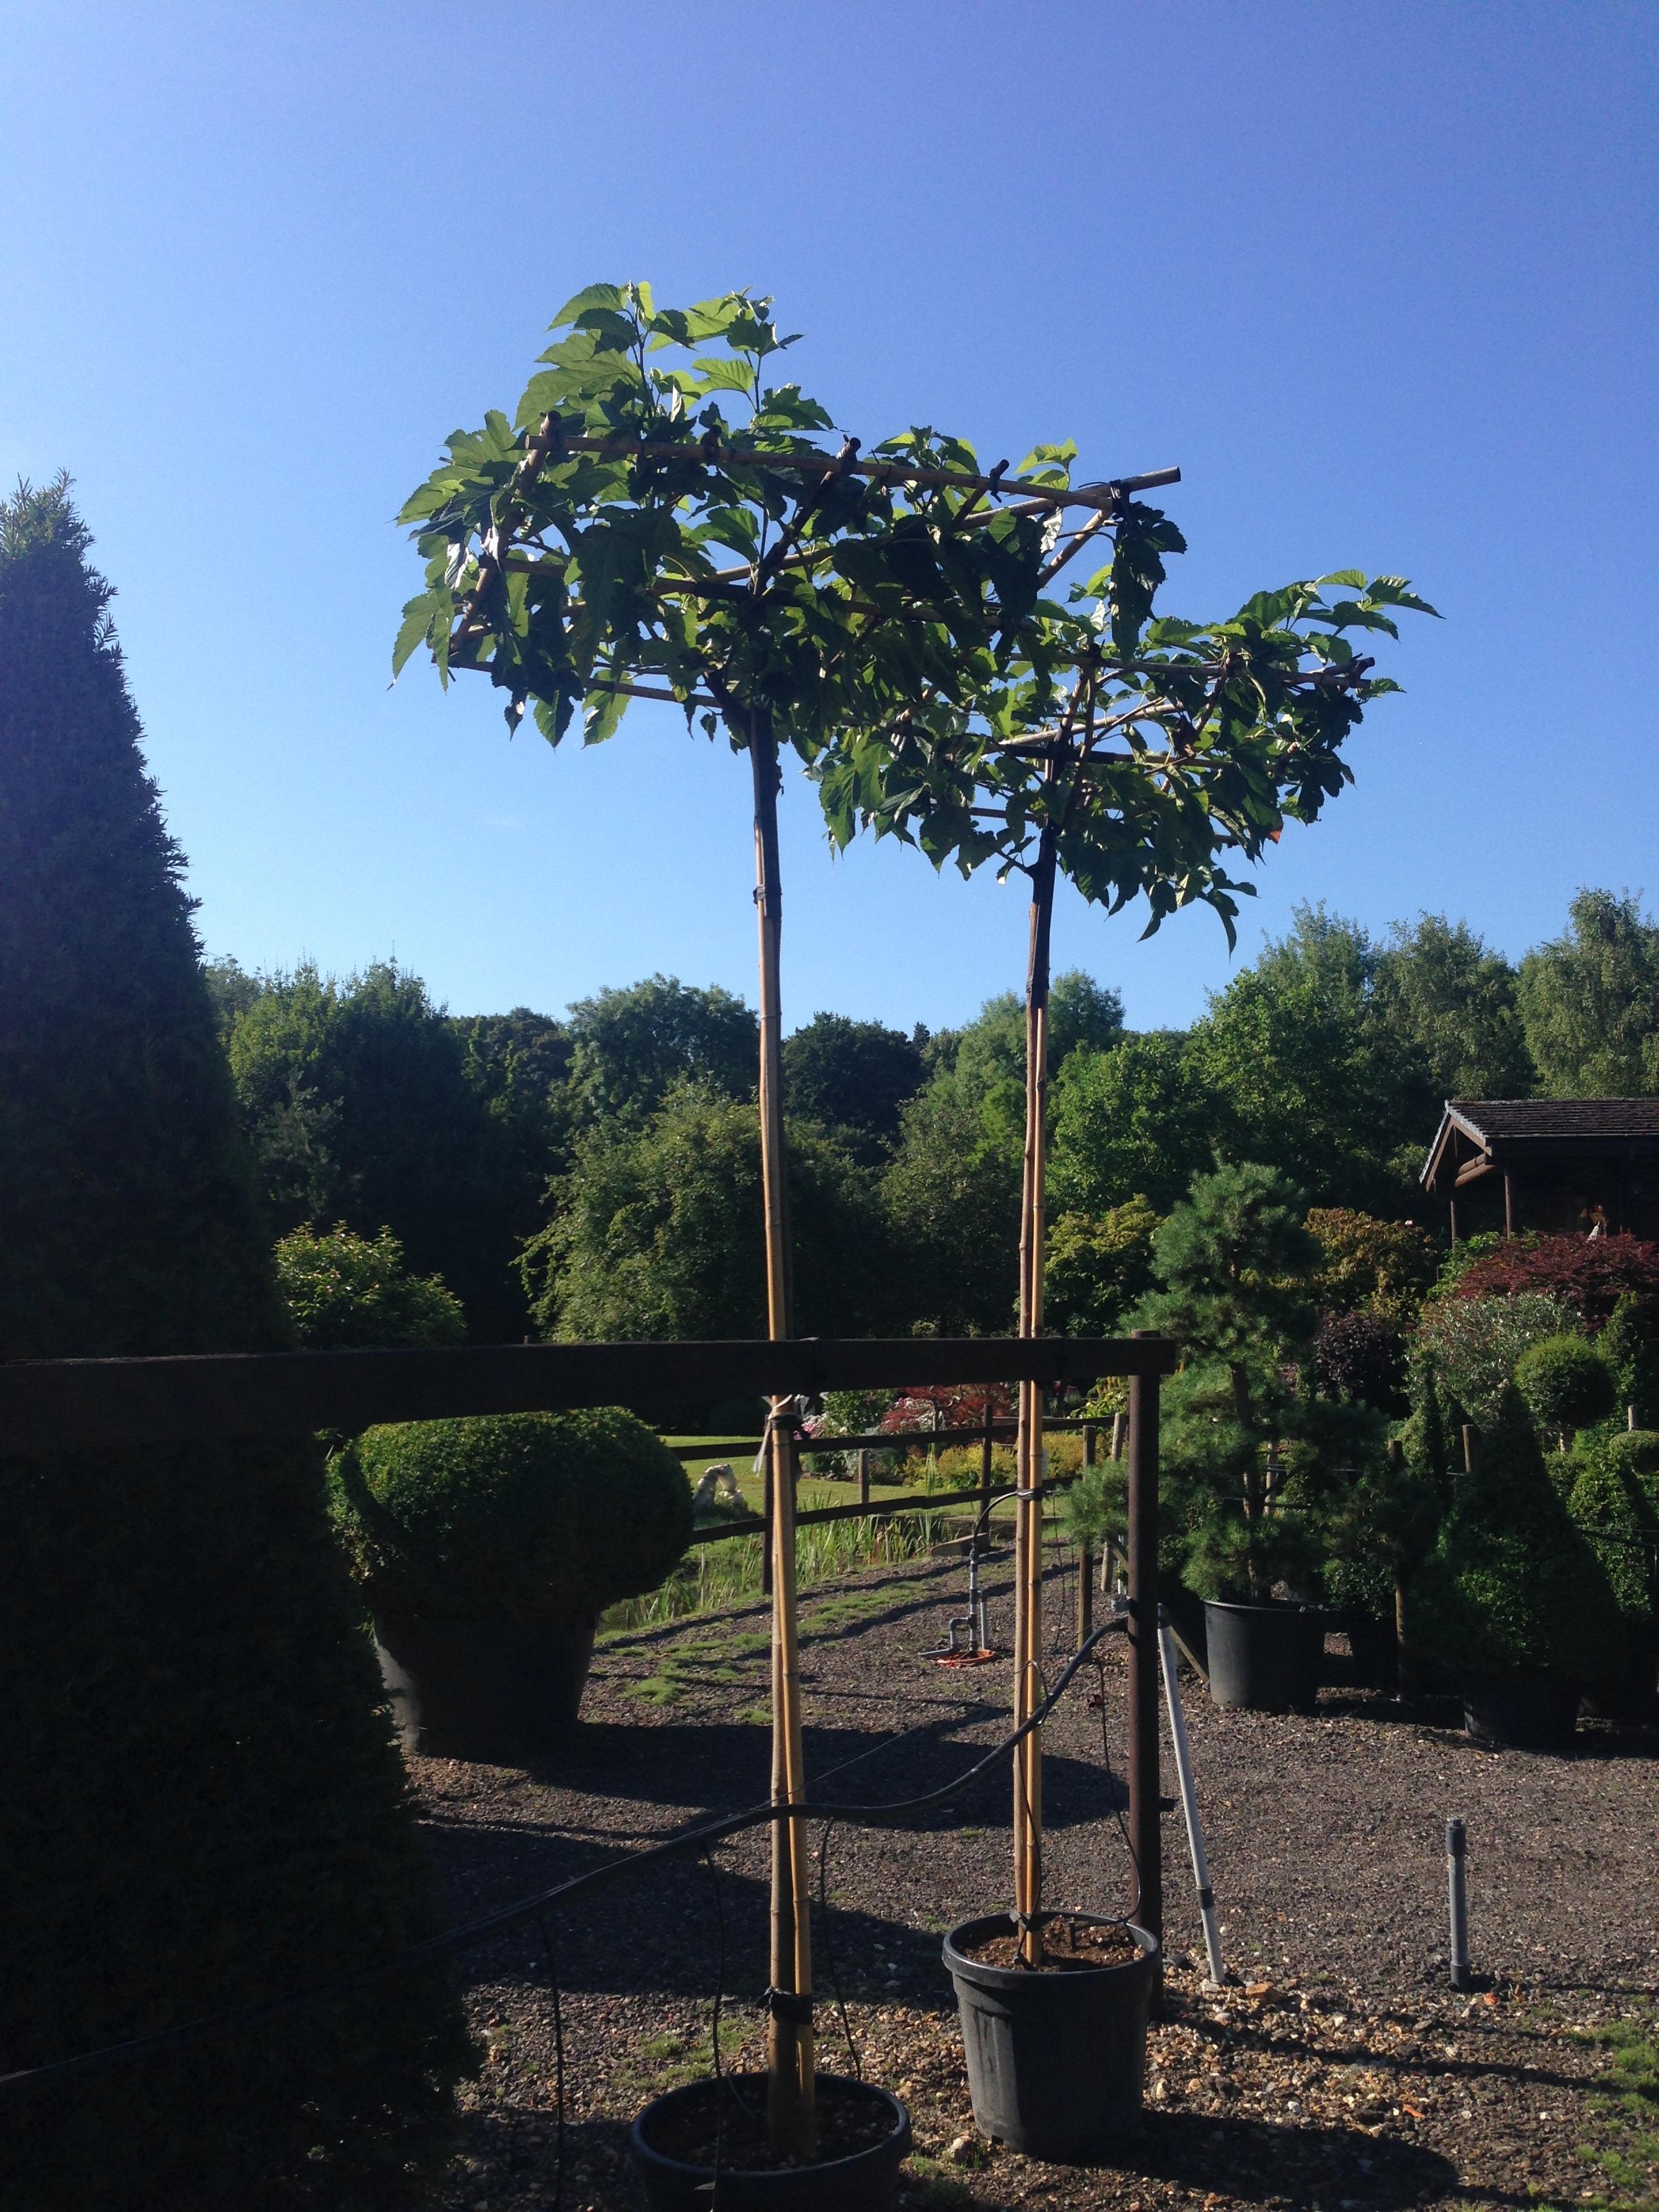 Morus alba parasol trees